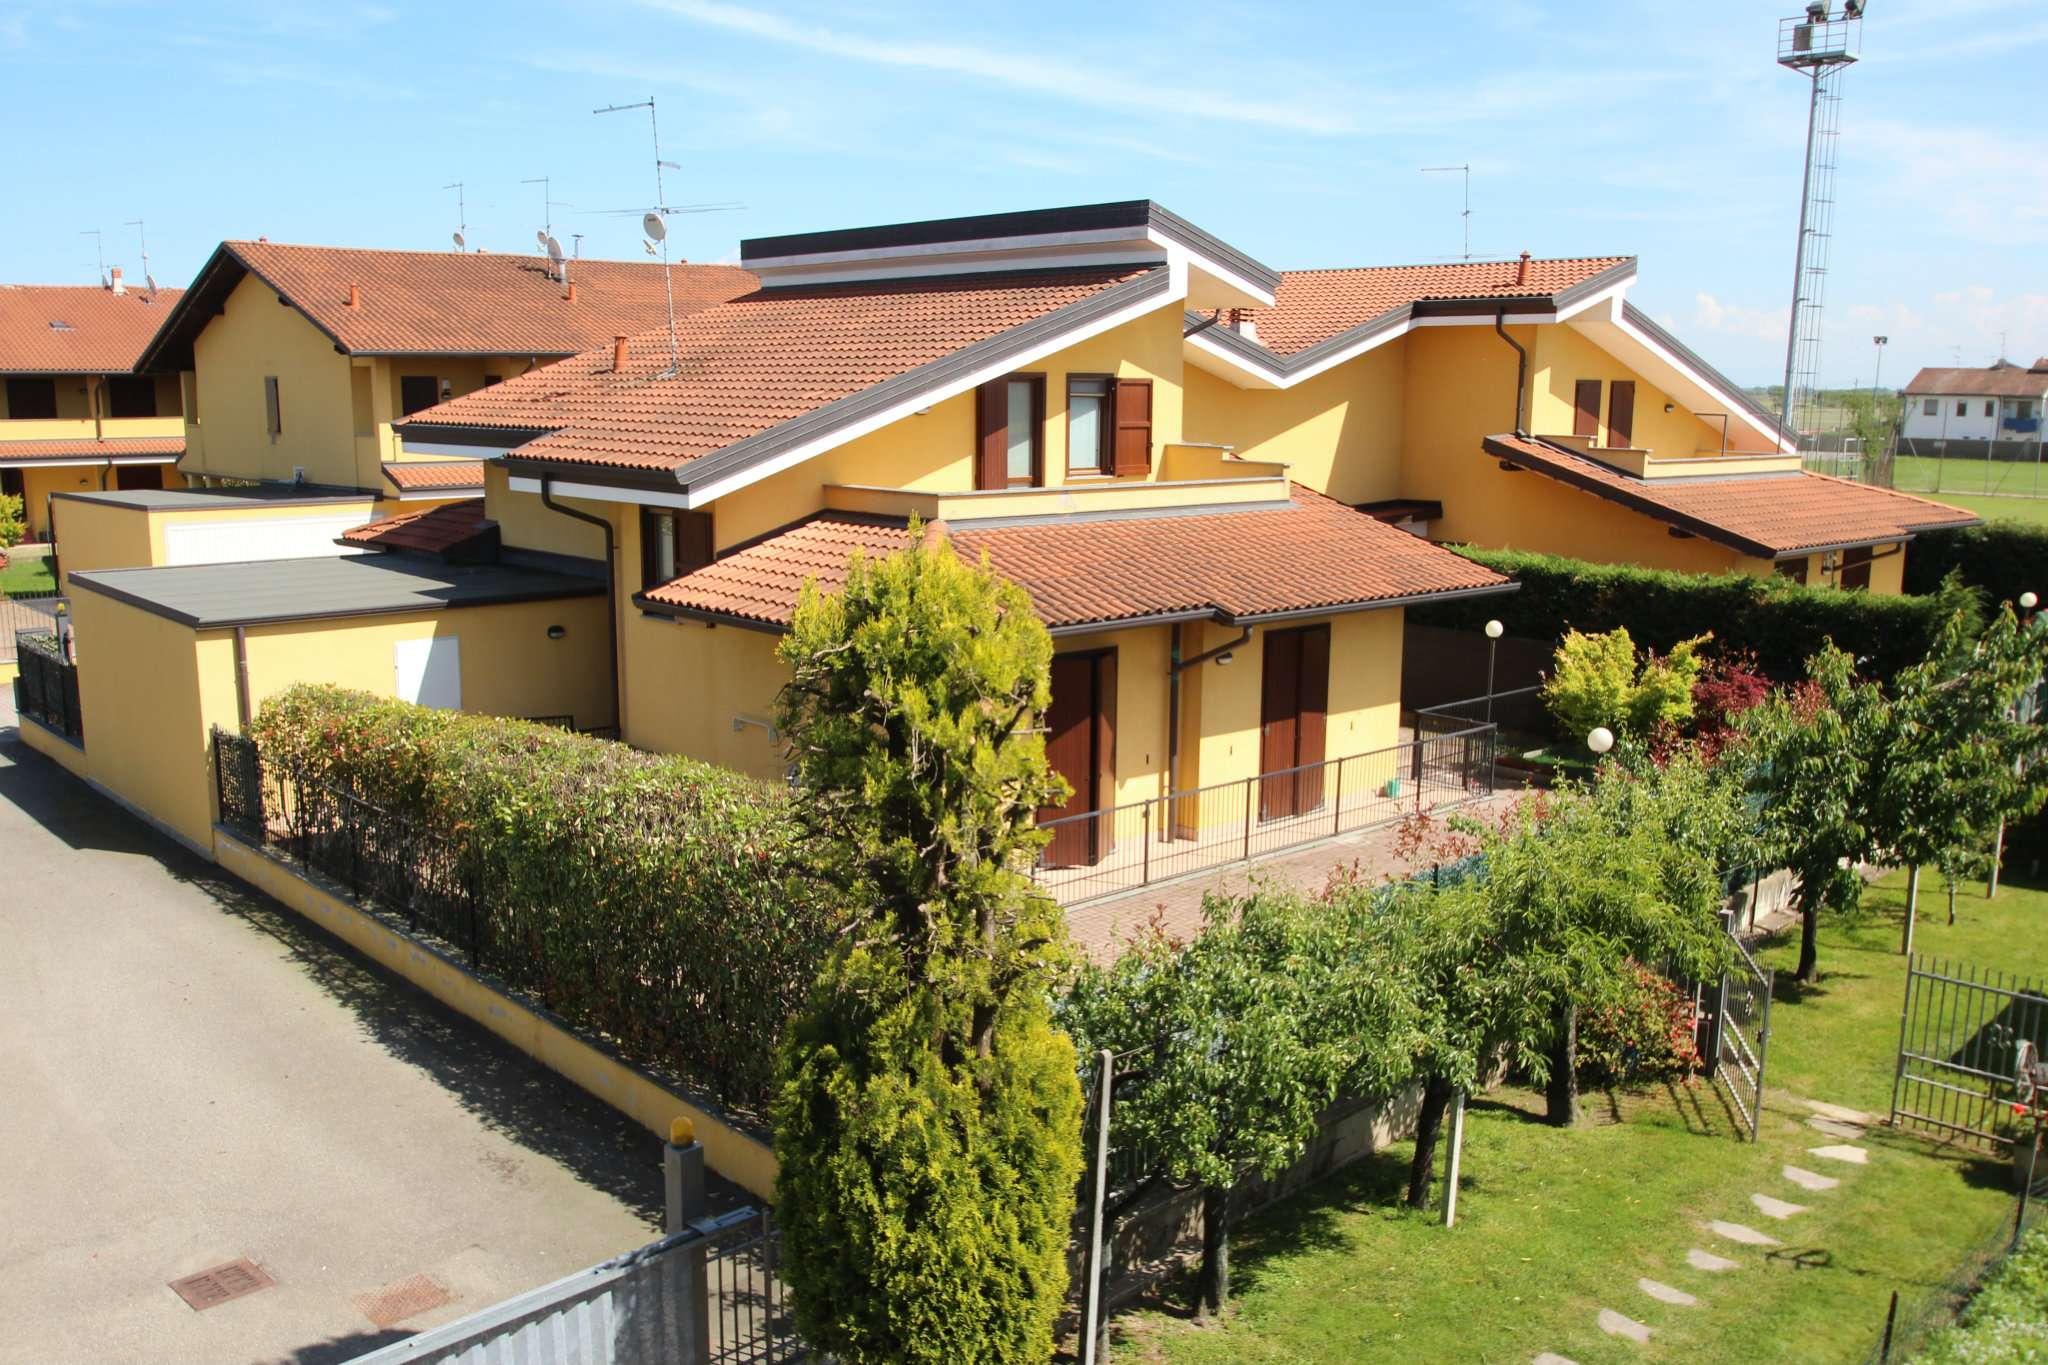 Villa in vendita a Garbagna Novarese, 5 locali, prezzo € 299.000 | Cambio Casa.it